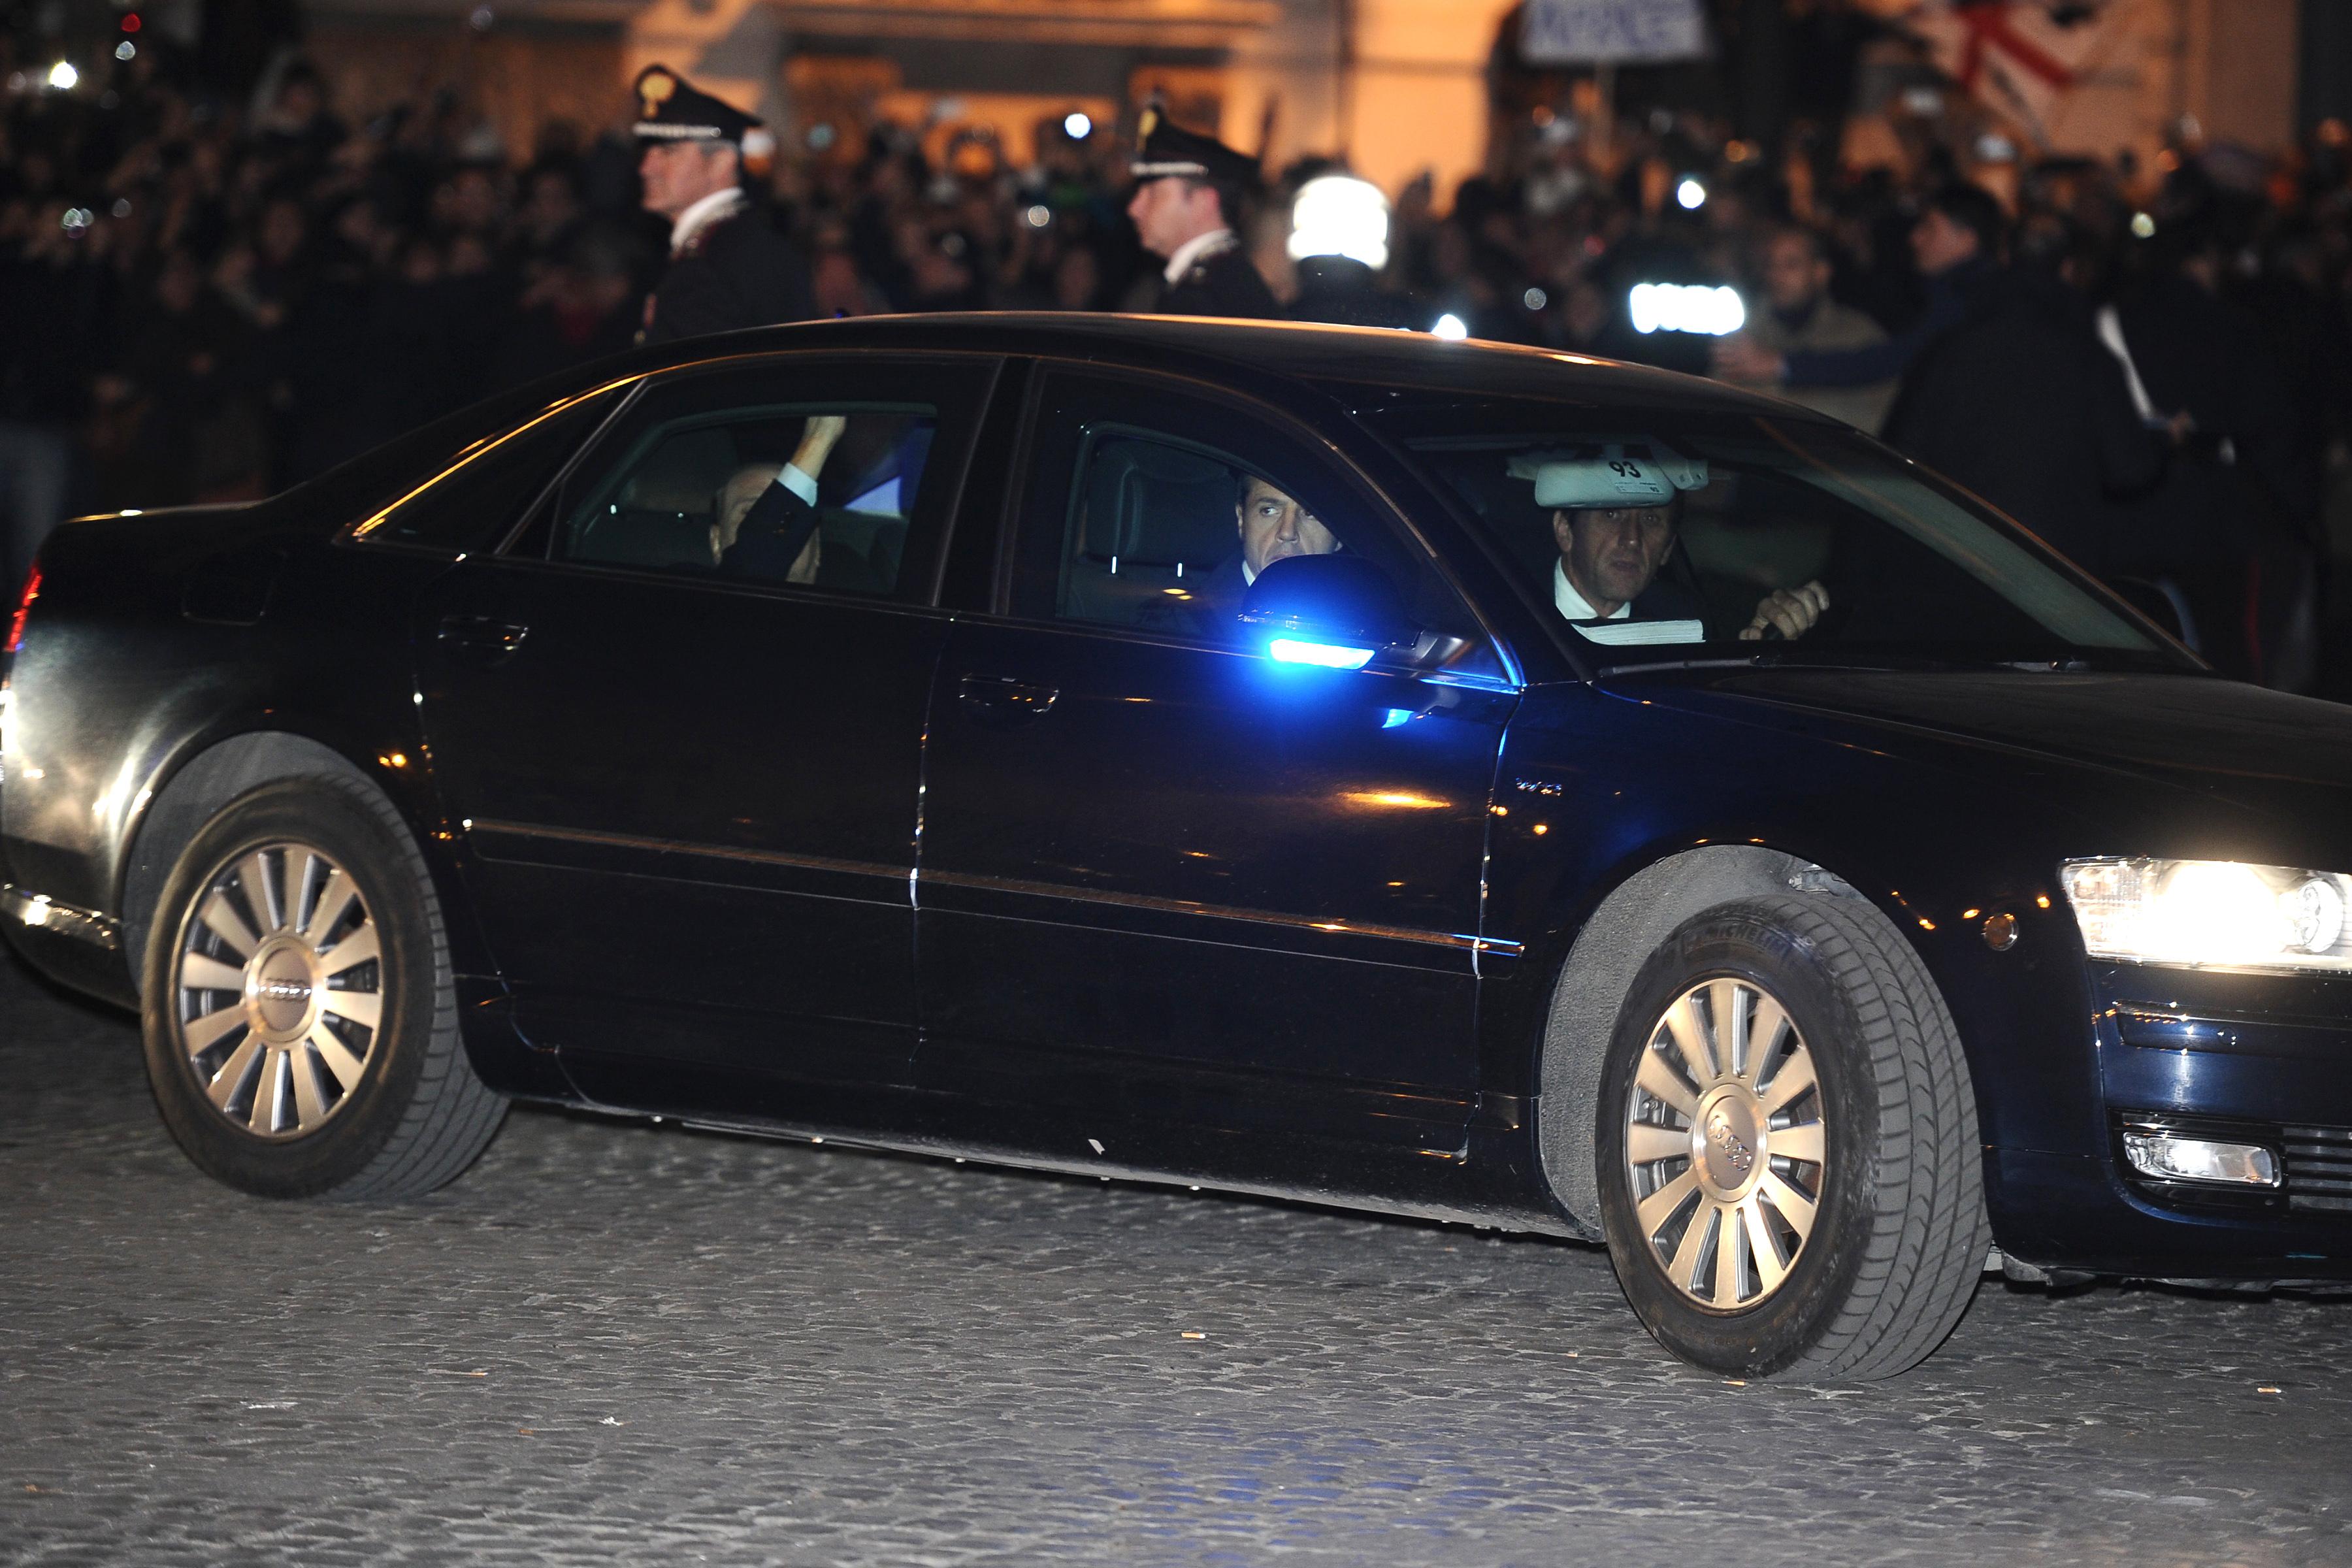 Премьер-министр Италии Сильвио Берлускони (на заднем сидении машины) прибыл в президентский дворец, чтобы официально представить прошение об отставке президенту Италии. 12 ноября 2011 года, Рим. Фото: Vincenzo Pinto/Getty Images